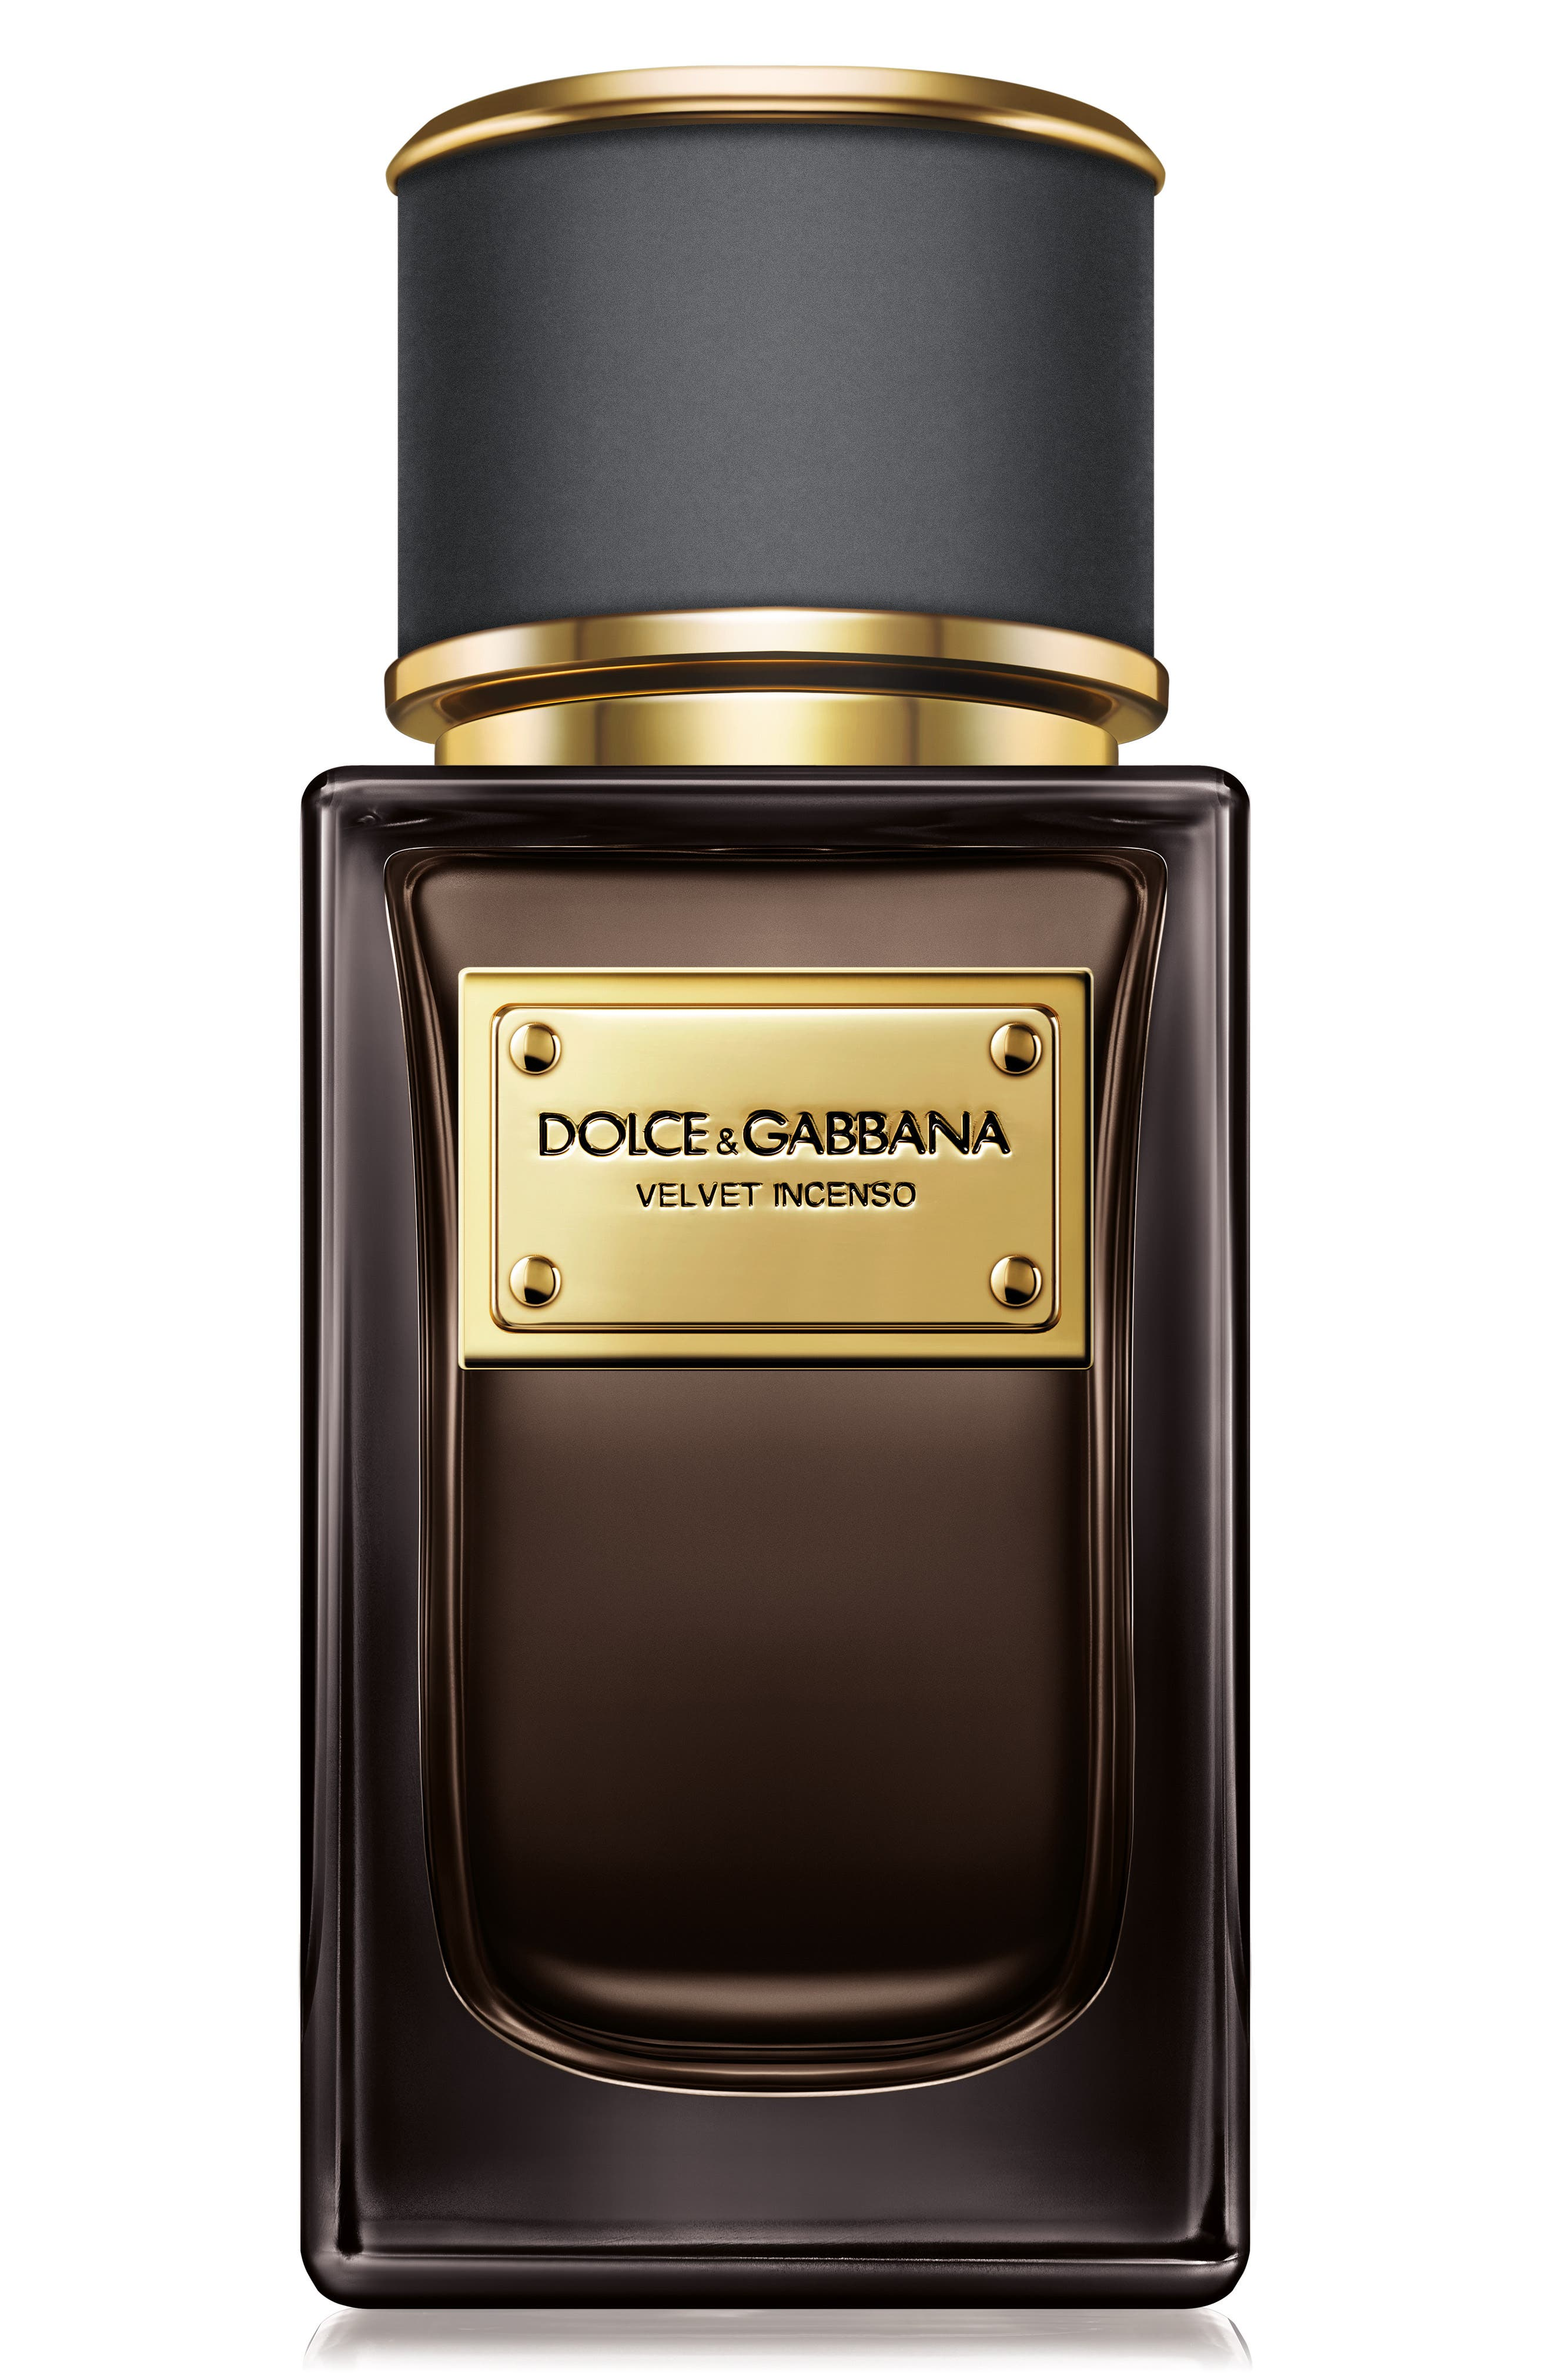 Dolce&Gabbana Beauty Velvet Incenso Eau de Parfum